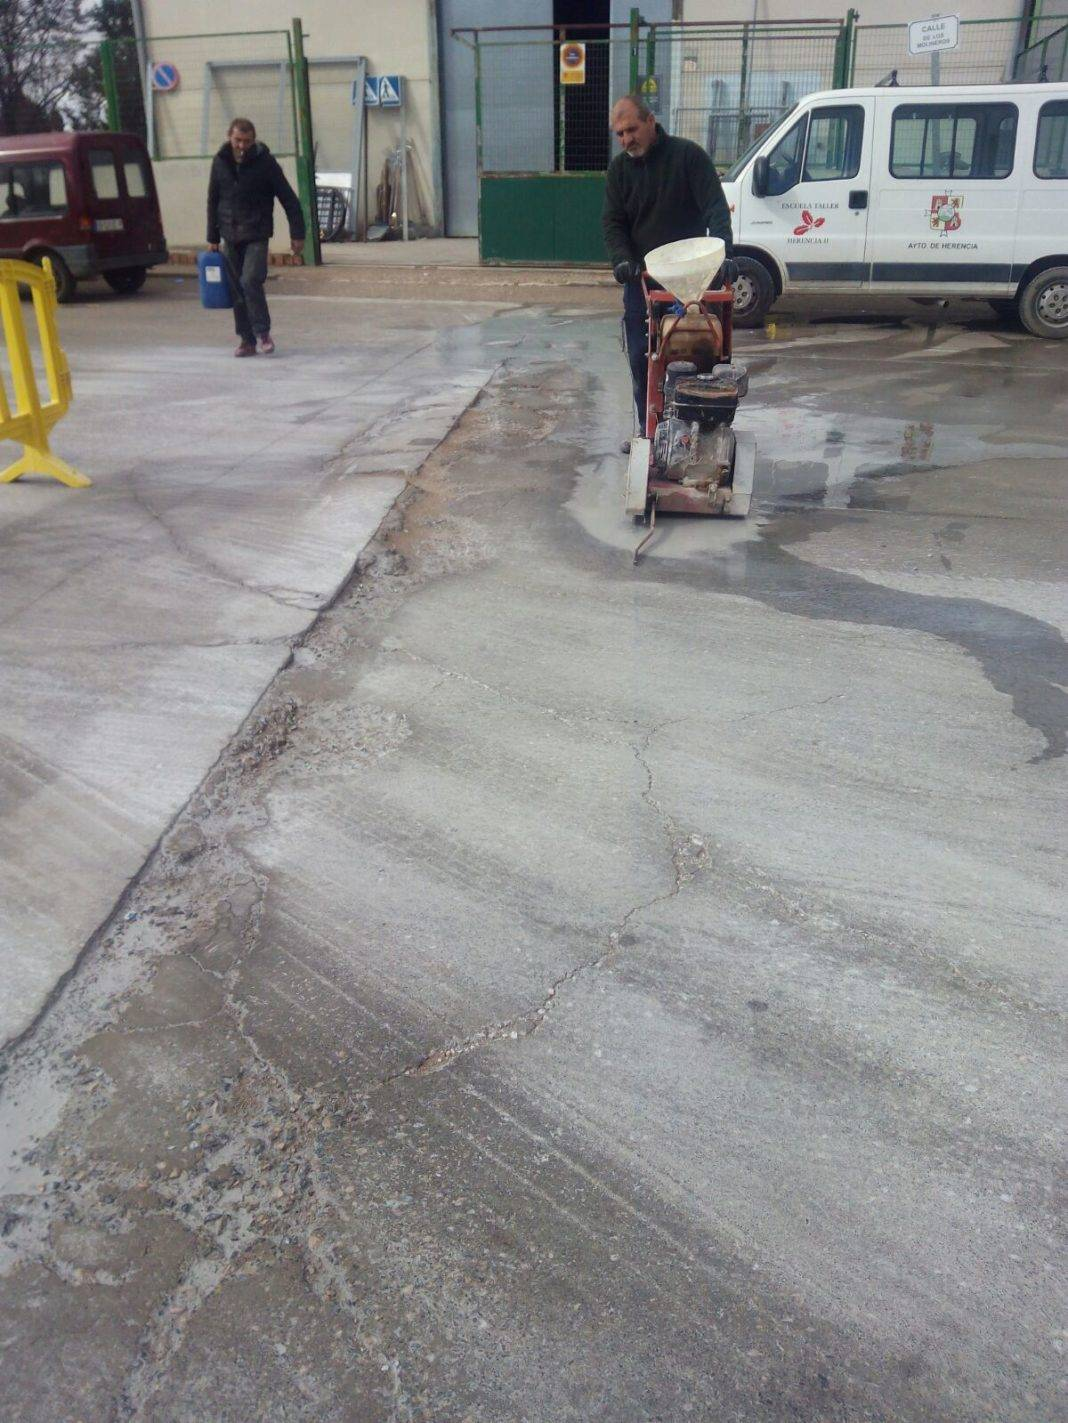 baches poligono industrial herencia 1068x1423 - Obras para eliminar baches en el Polígono Industrial de Herencia